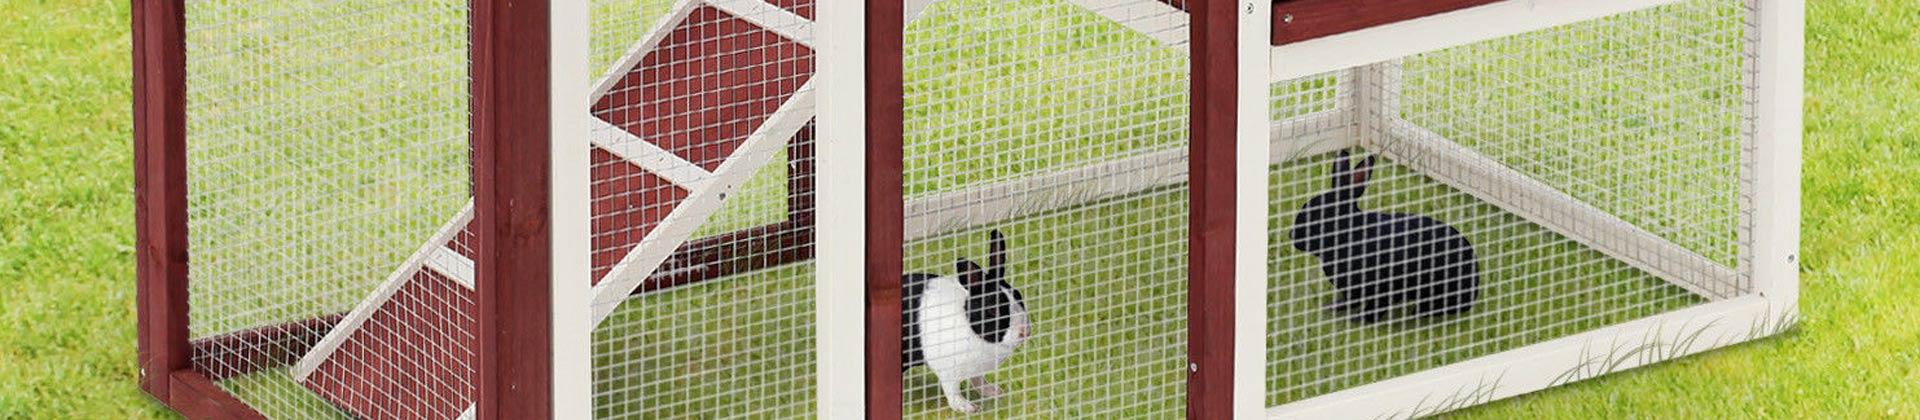 Kaninchenstall Test 2019